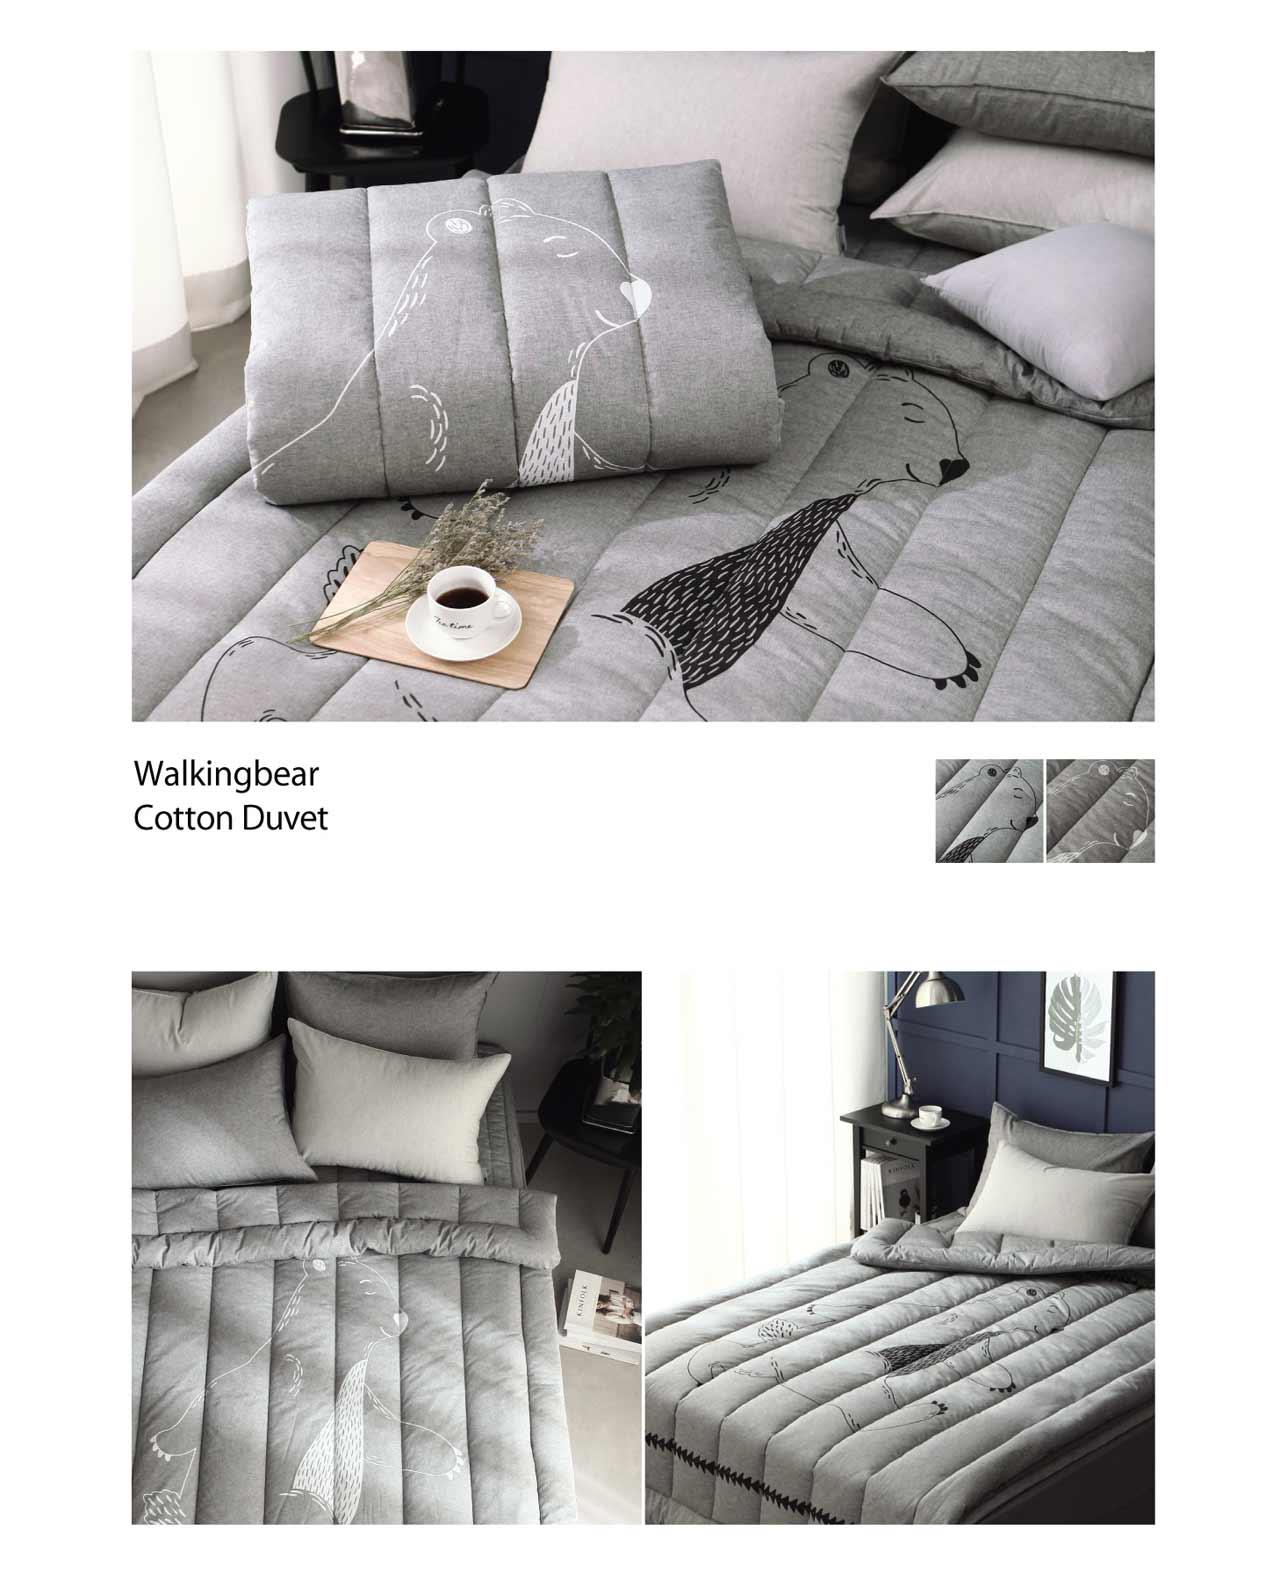 Bộ chăn mền Walkingbear cotton duvet